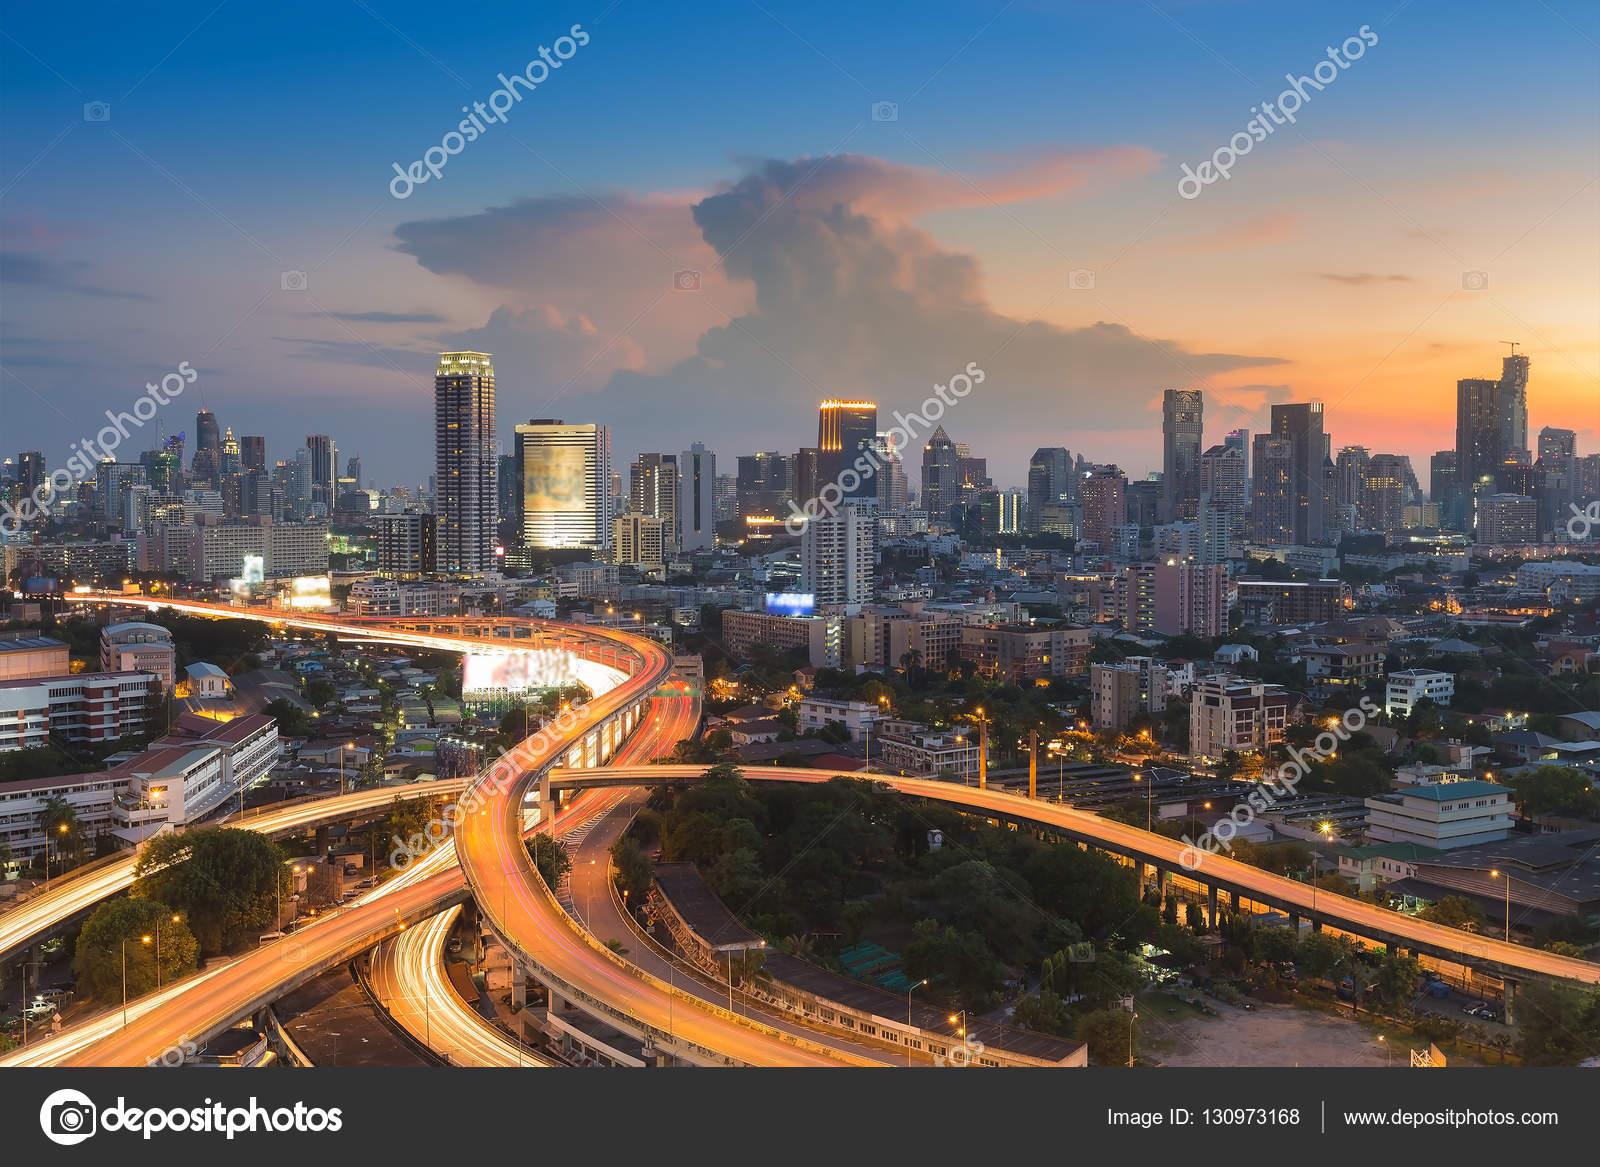 şehir şehir Arka Plan Stok Foto Pranodhm 130973168